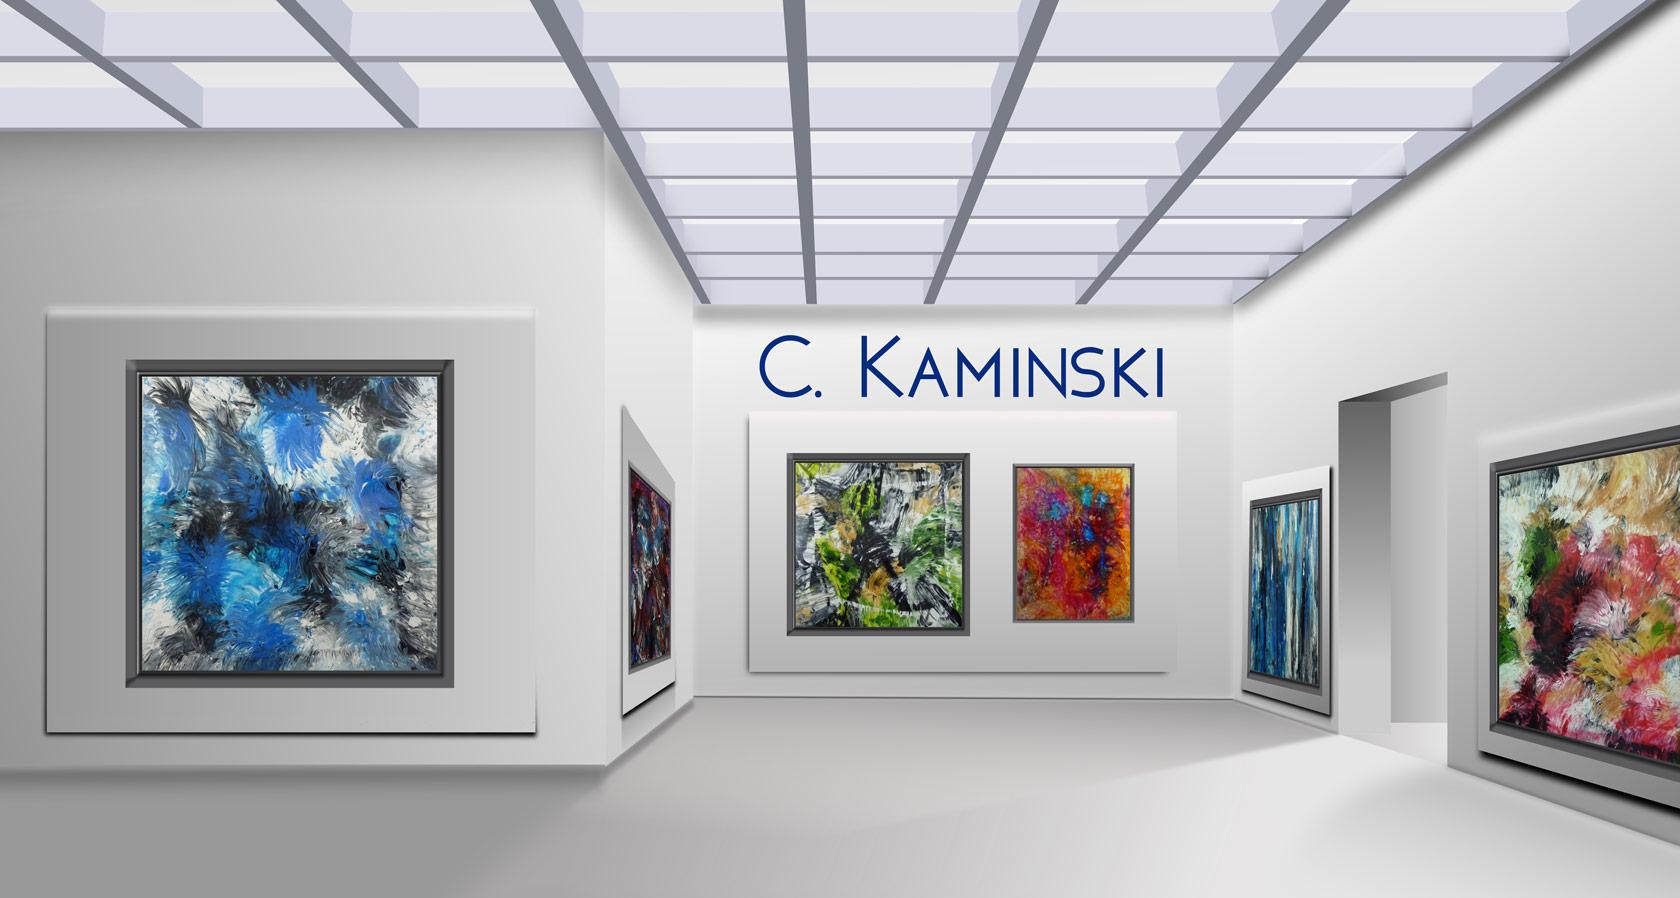 <h1>C. Kaminski - kreative Wandgestaltung, Design Trennwand, Sichtschutz</h1>